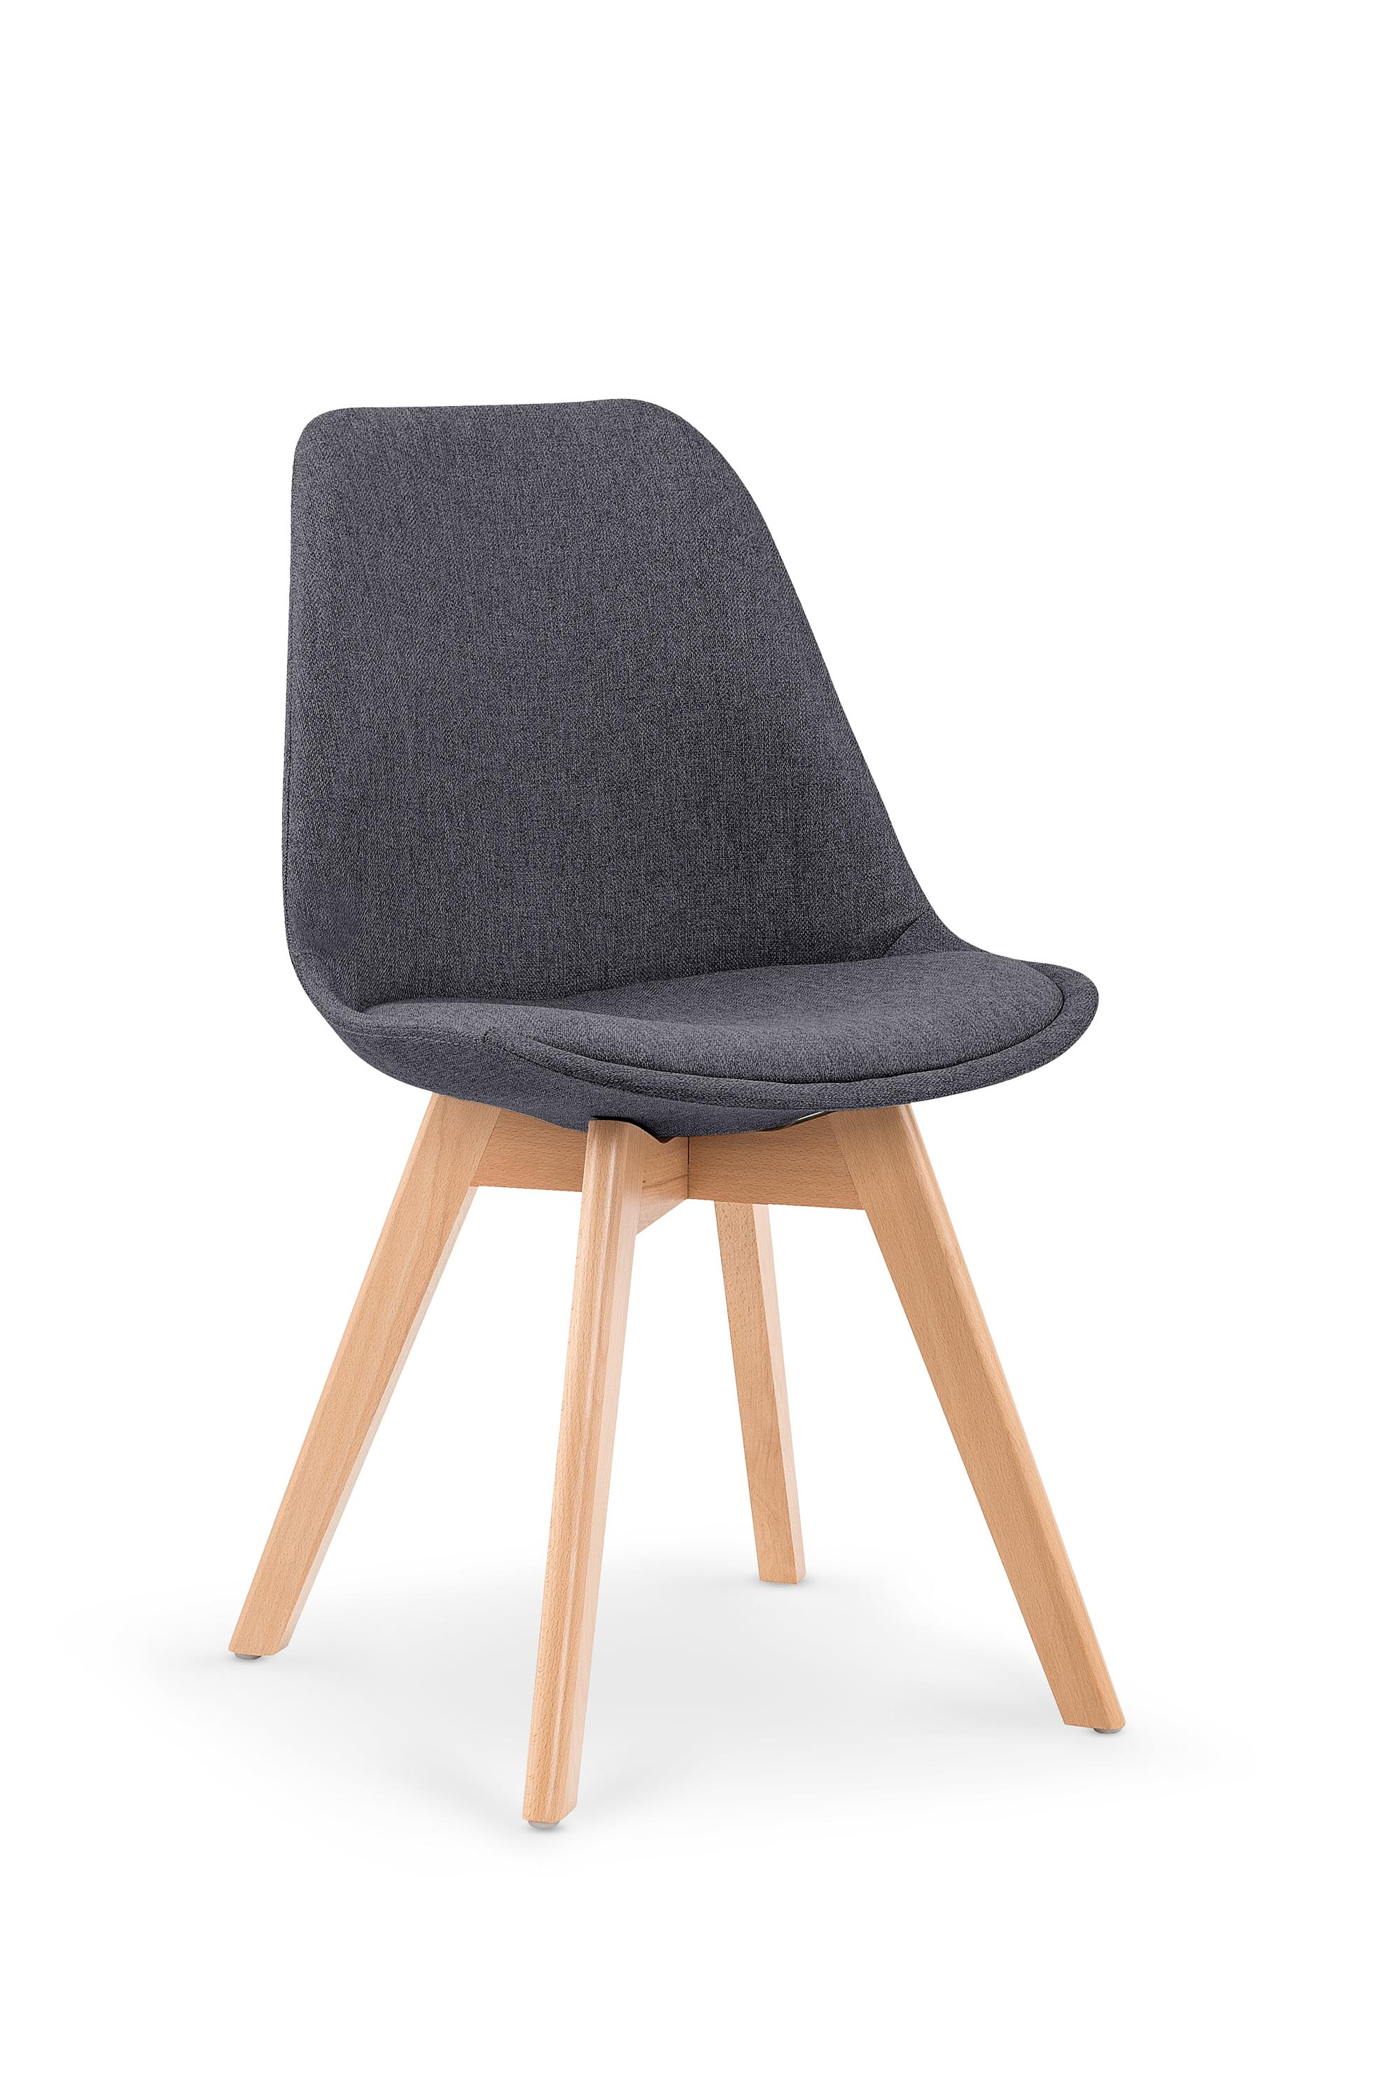 K303 krzesło ciemny popiel / buk